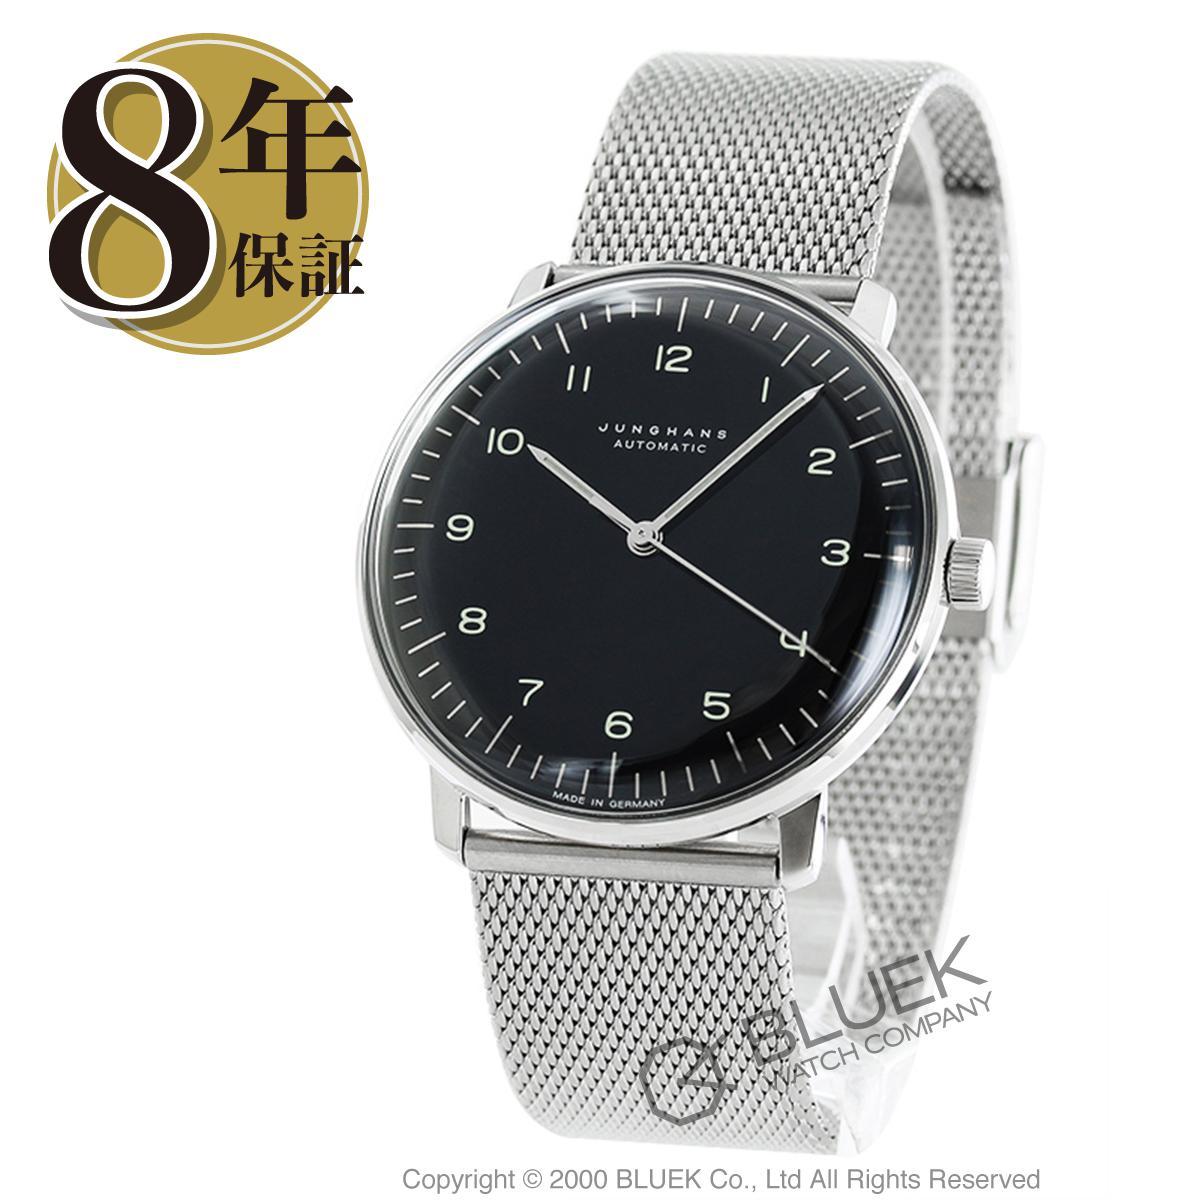 ユンハンス マックスビル 腕時計 メンズ JUNGHANS 027/3400.00M_8